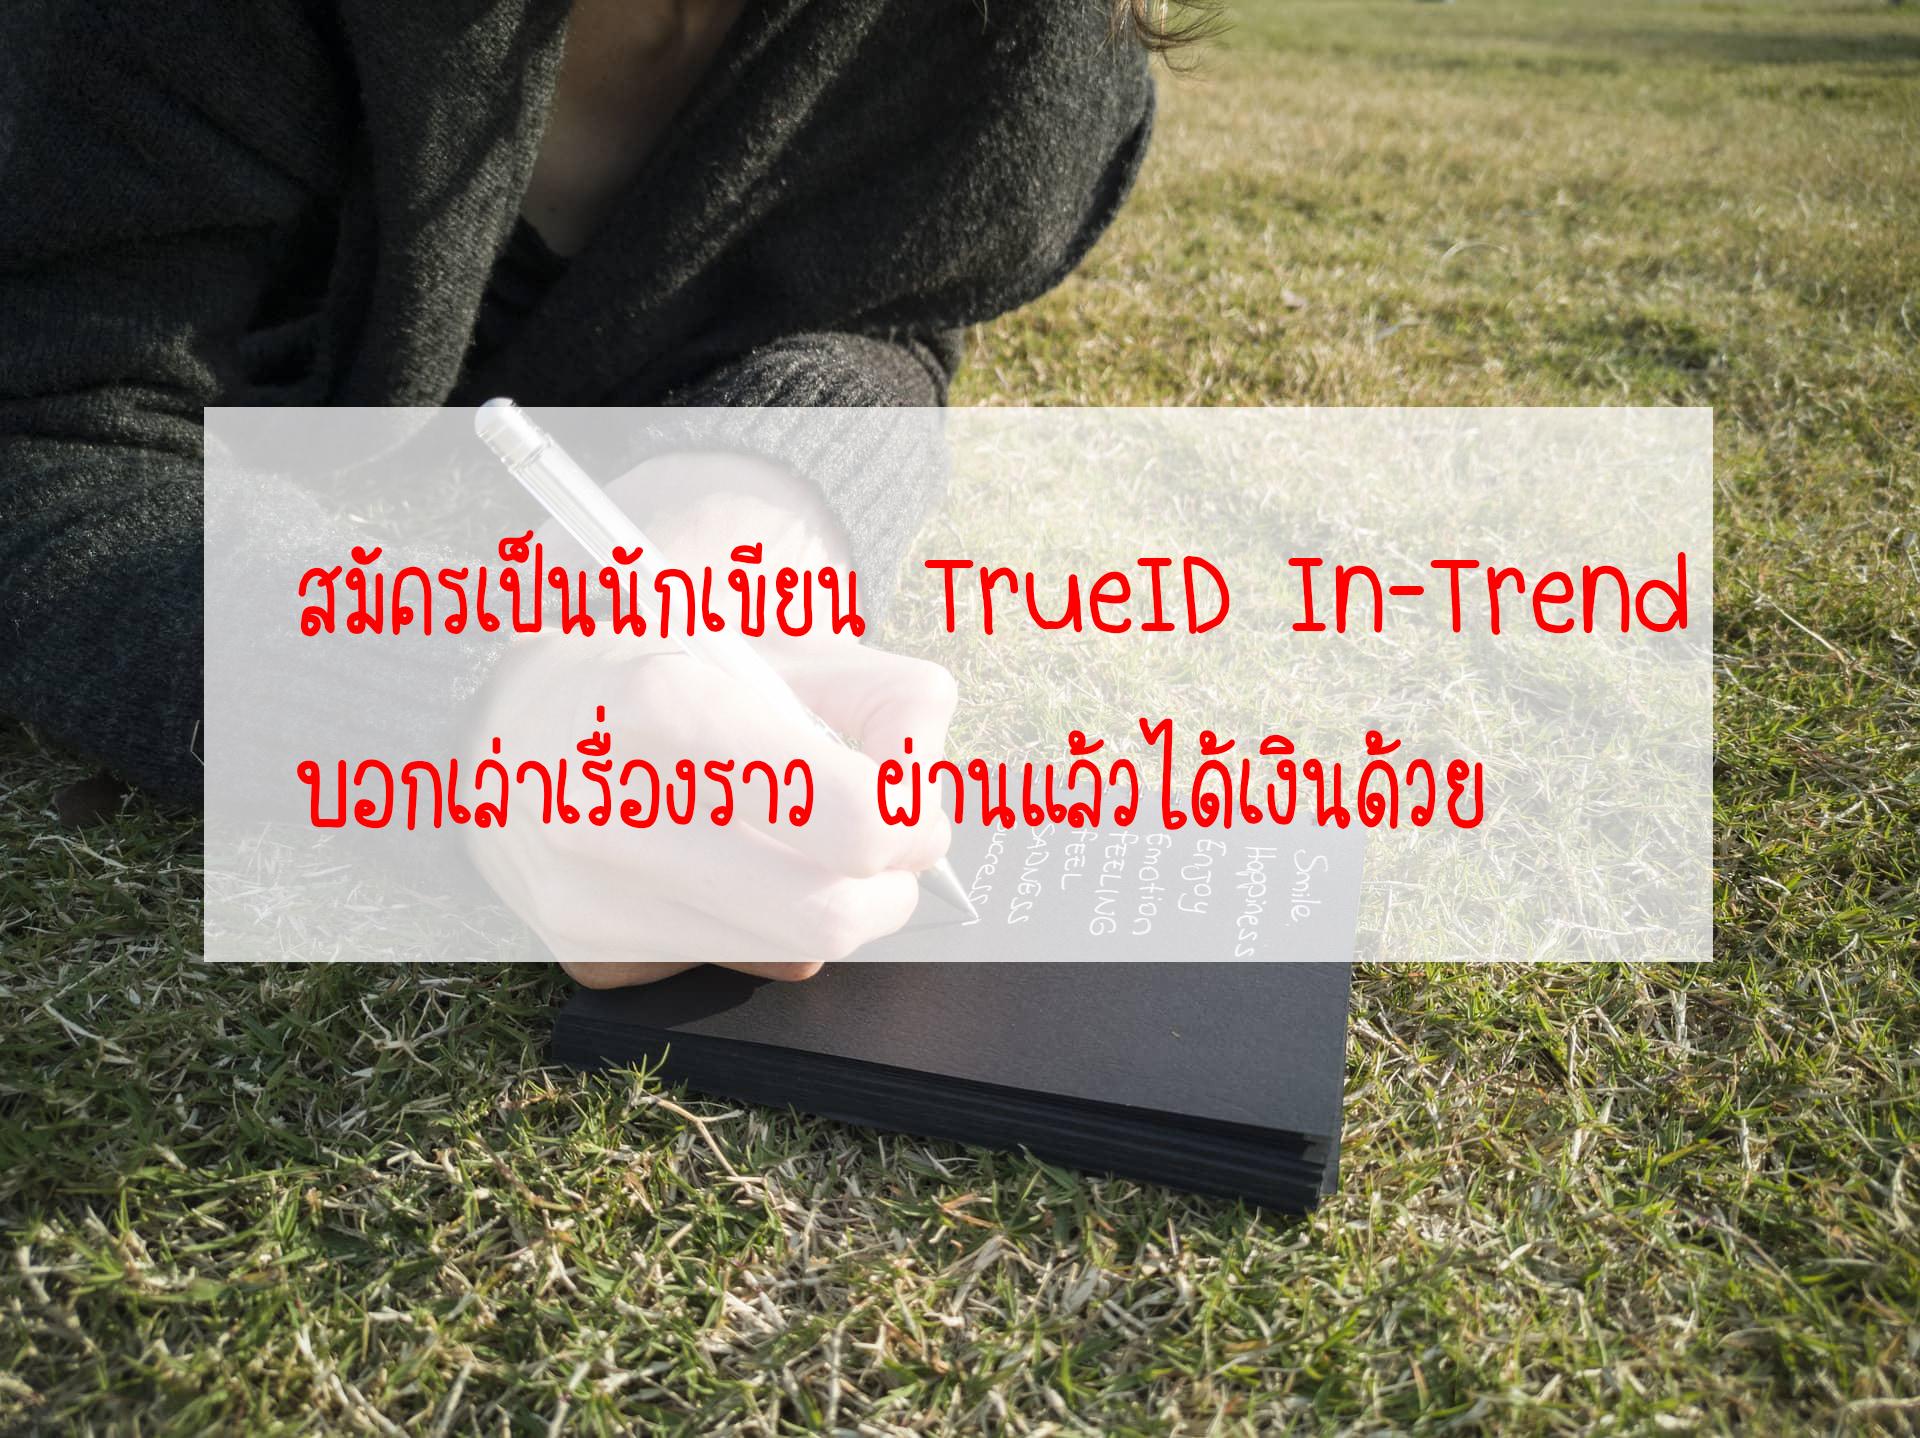 สมัครเป็นนักเขียน TrueID In-Trend บอกเล่าเรื่องราว ผ่านแล้วได้เงินด้วย